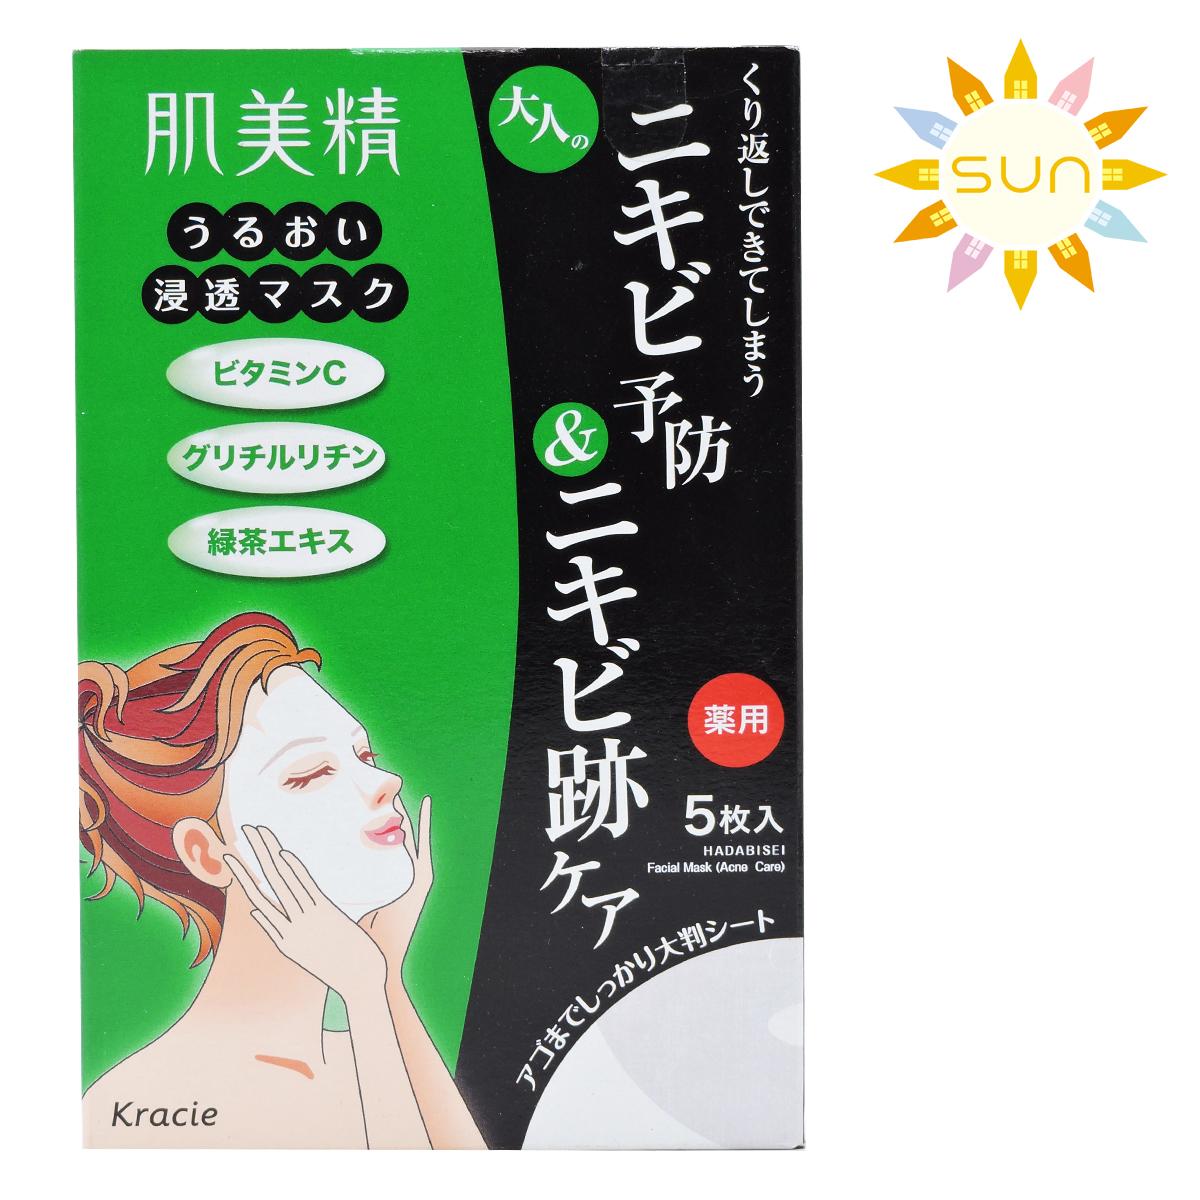 保濕滲透面膜AD (粉刺護理) 一盒5片綠色